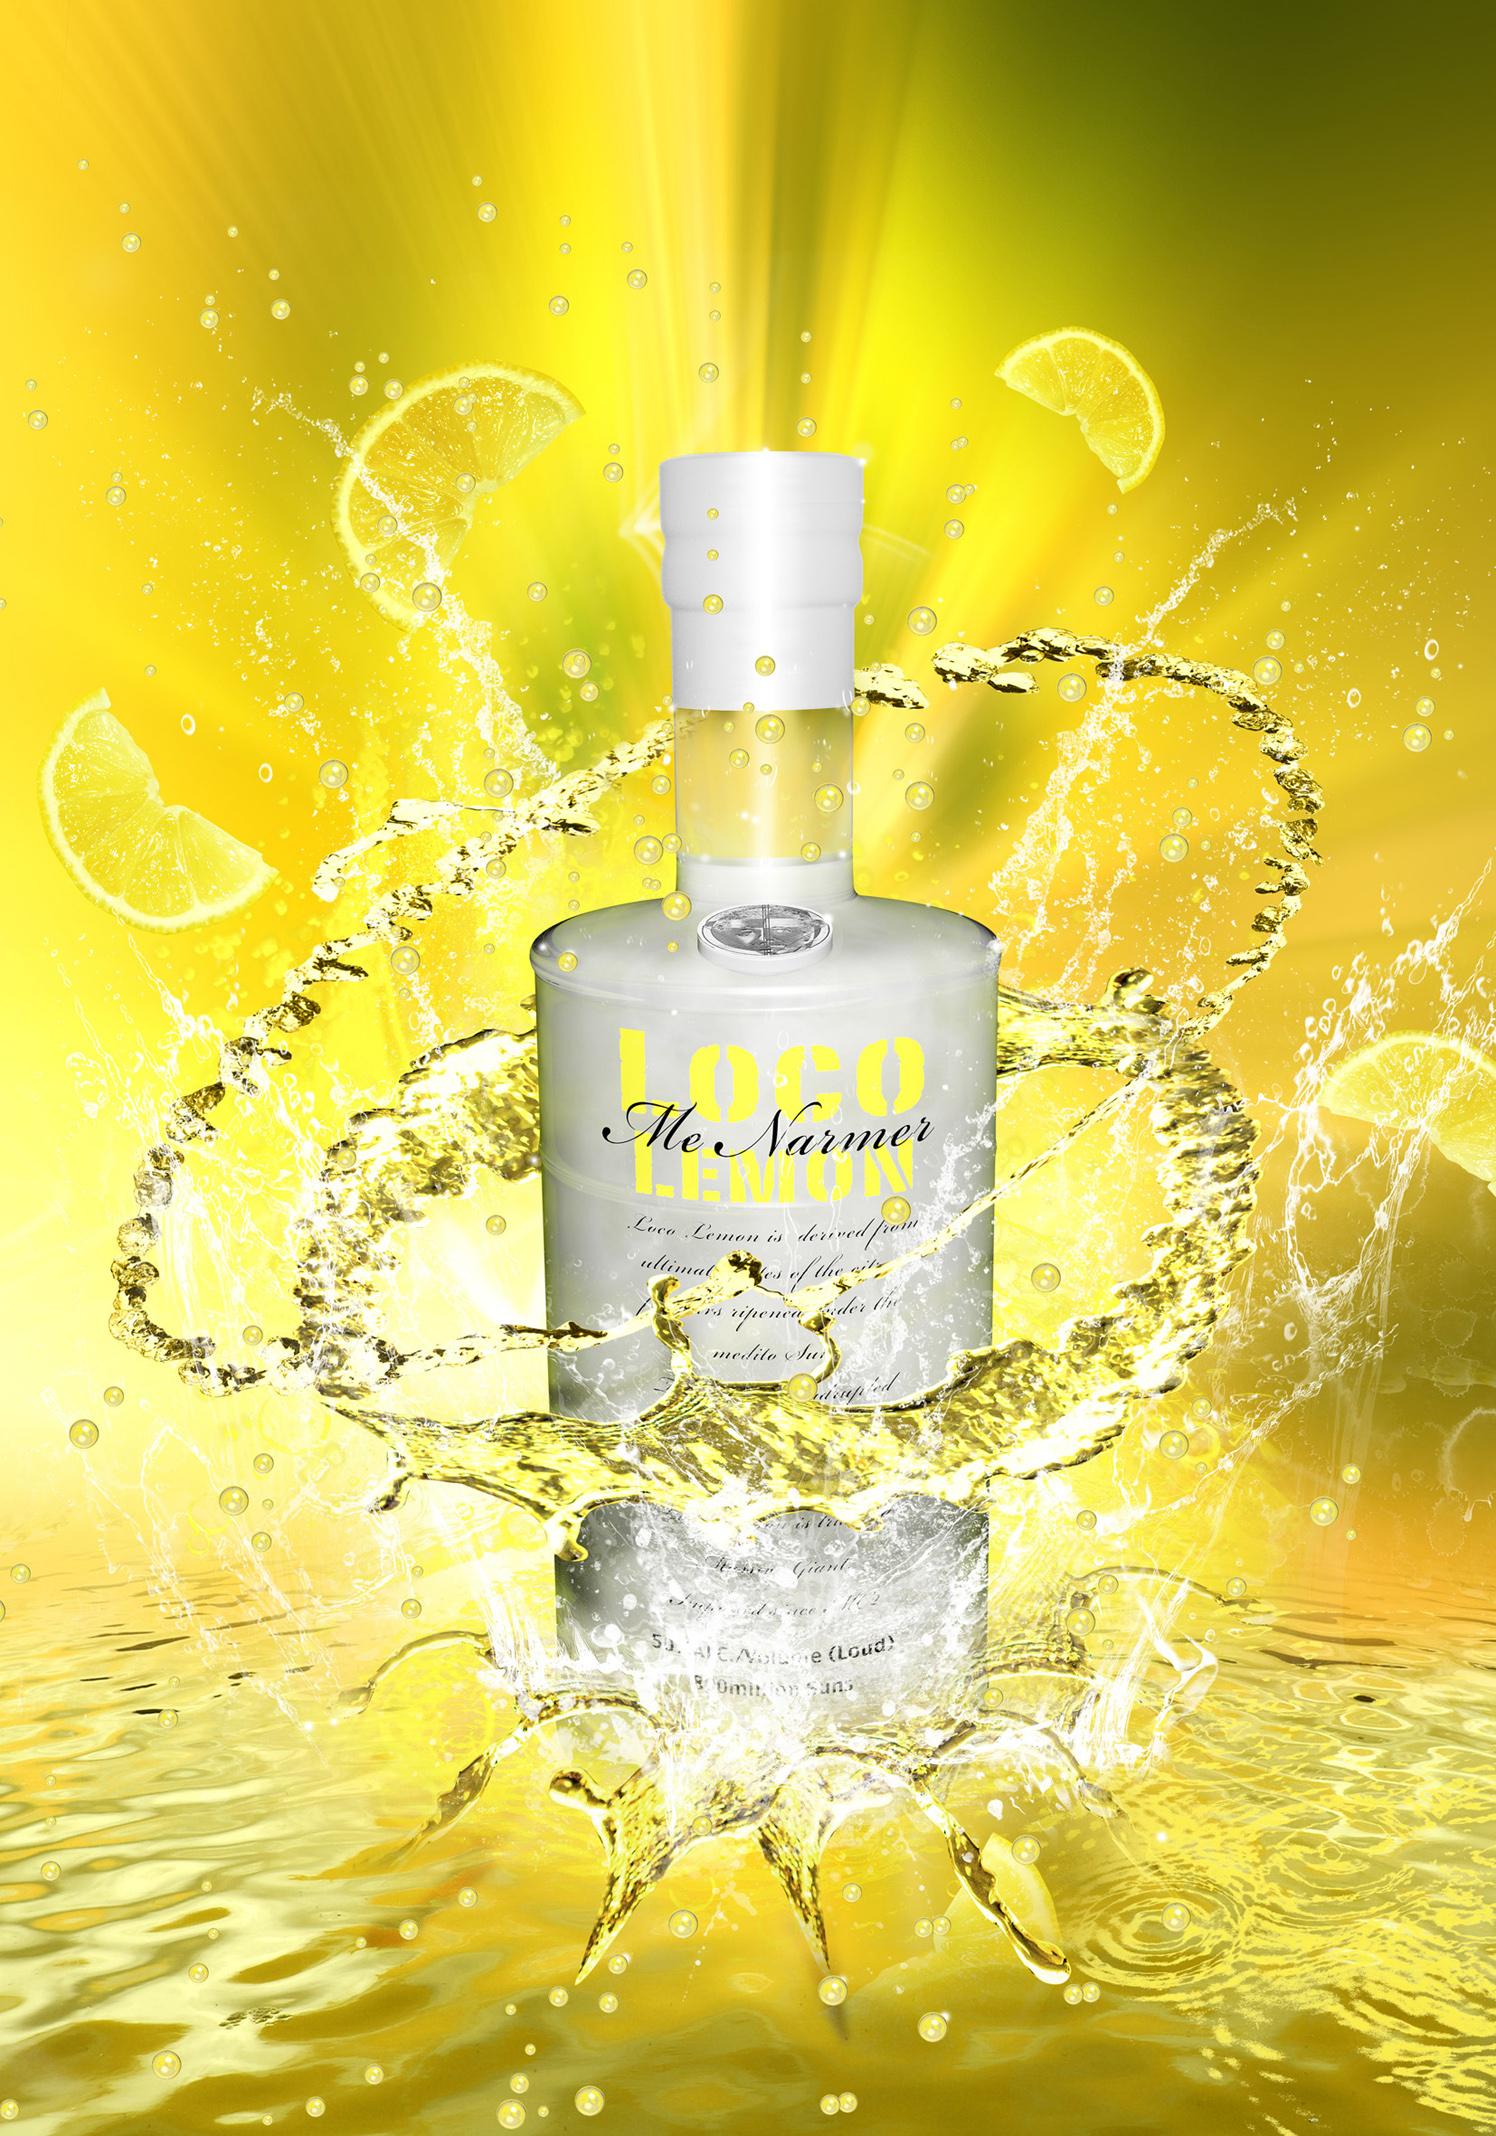 Loco Lemon